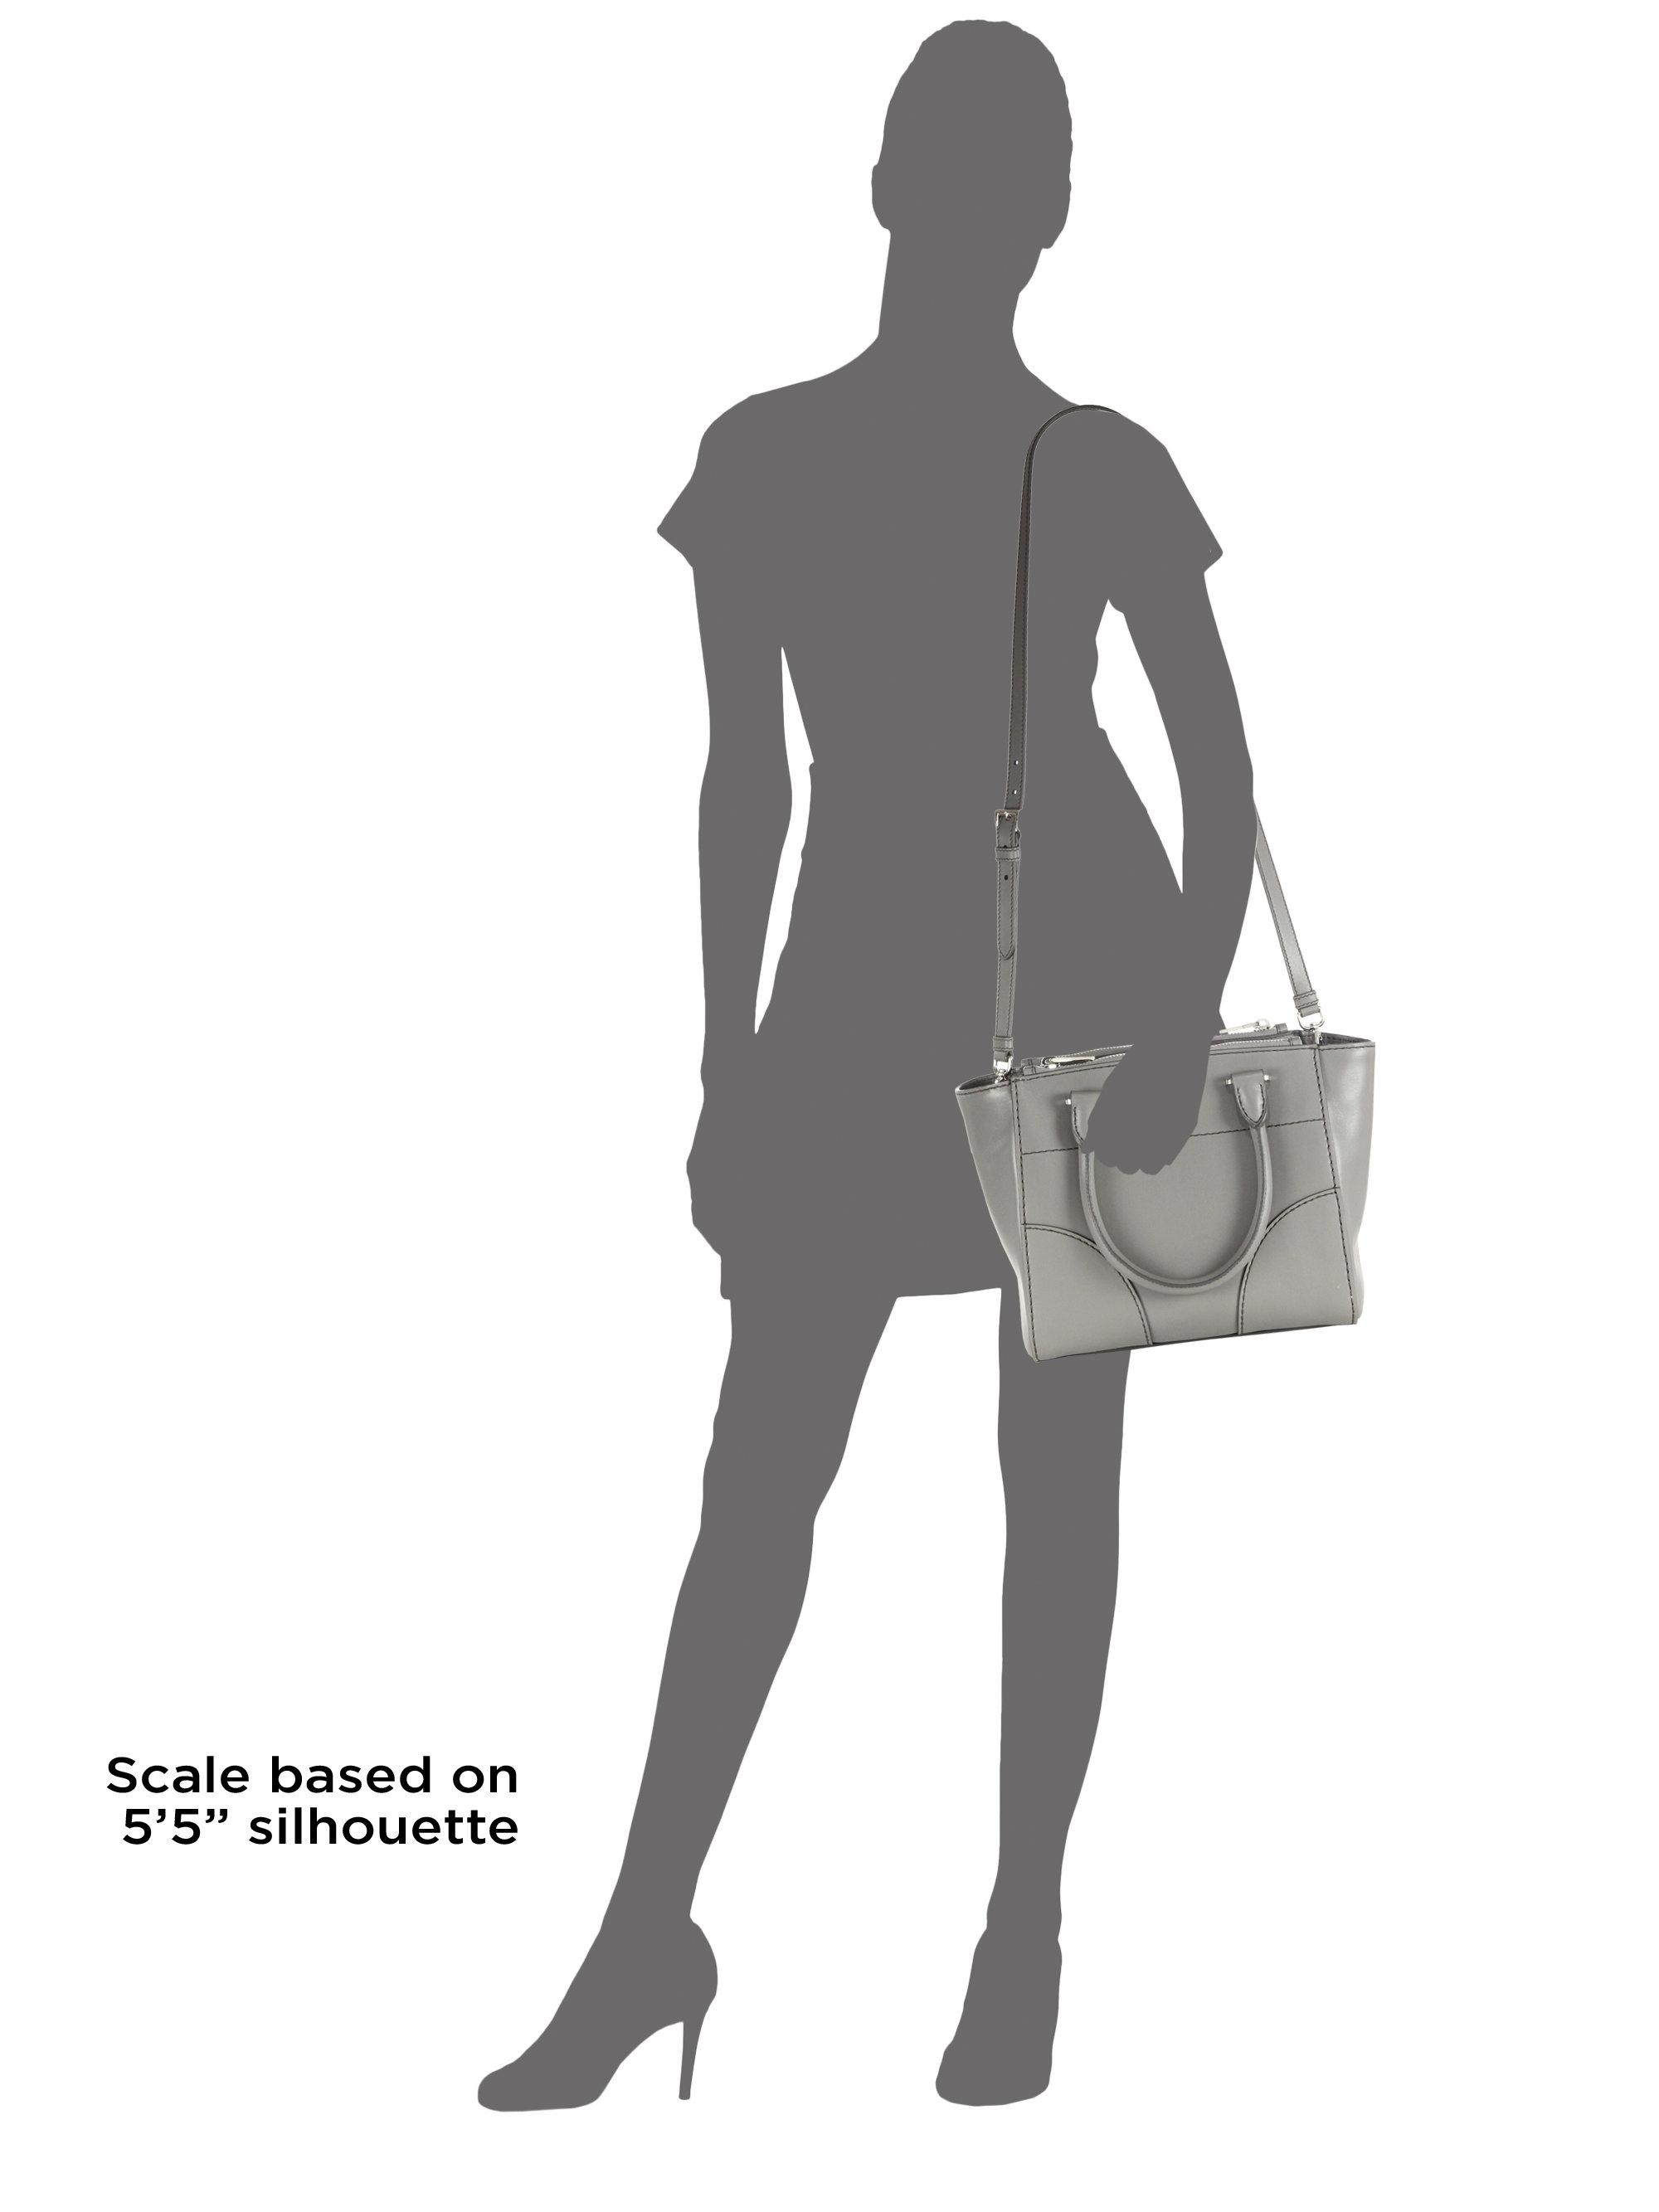 ... get prada saffiano bag sale prada city calf twin pocket tote in gray  grey 1954b ce5cc 538666c2e221a